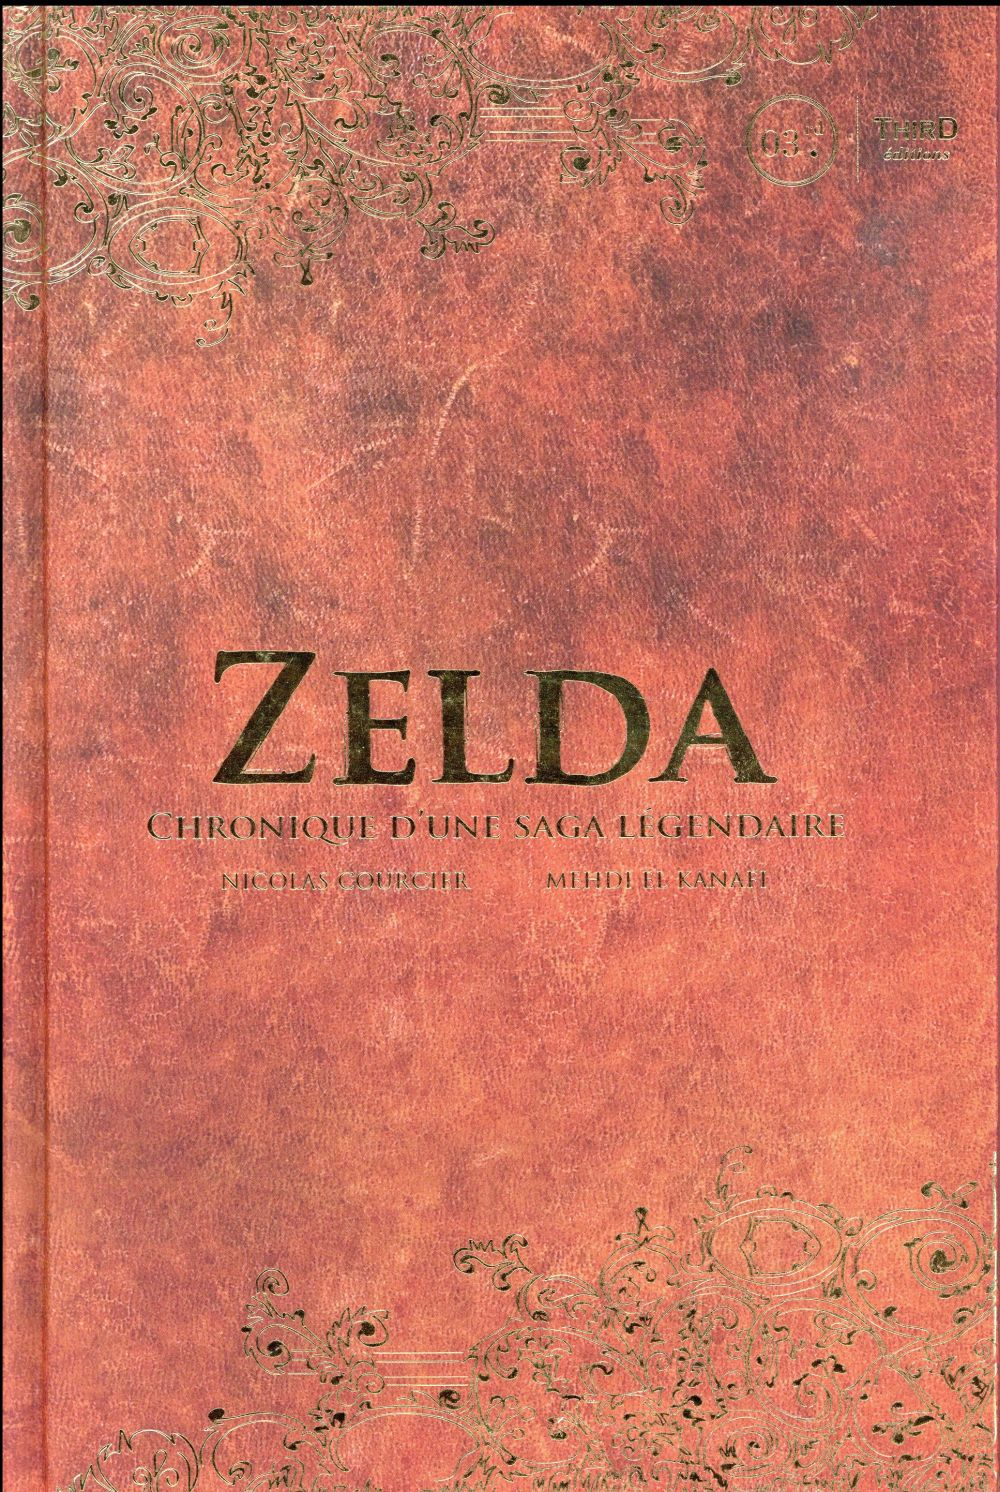 Zelda v.1 ; chronique d'une saga légendaire